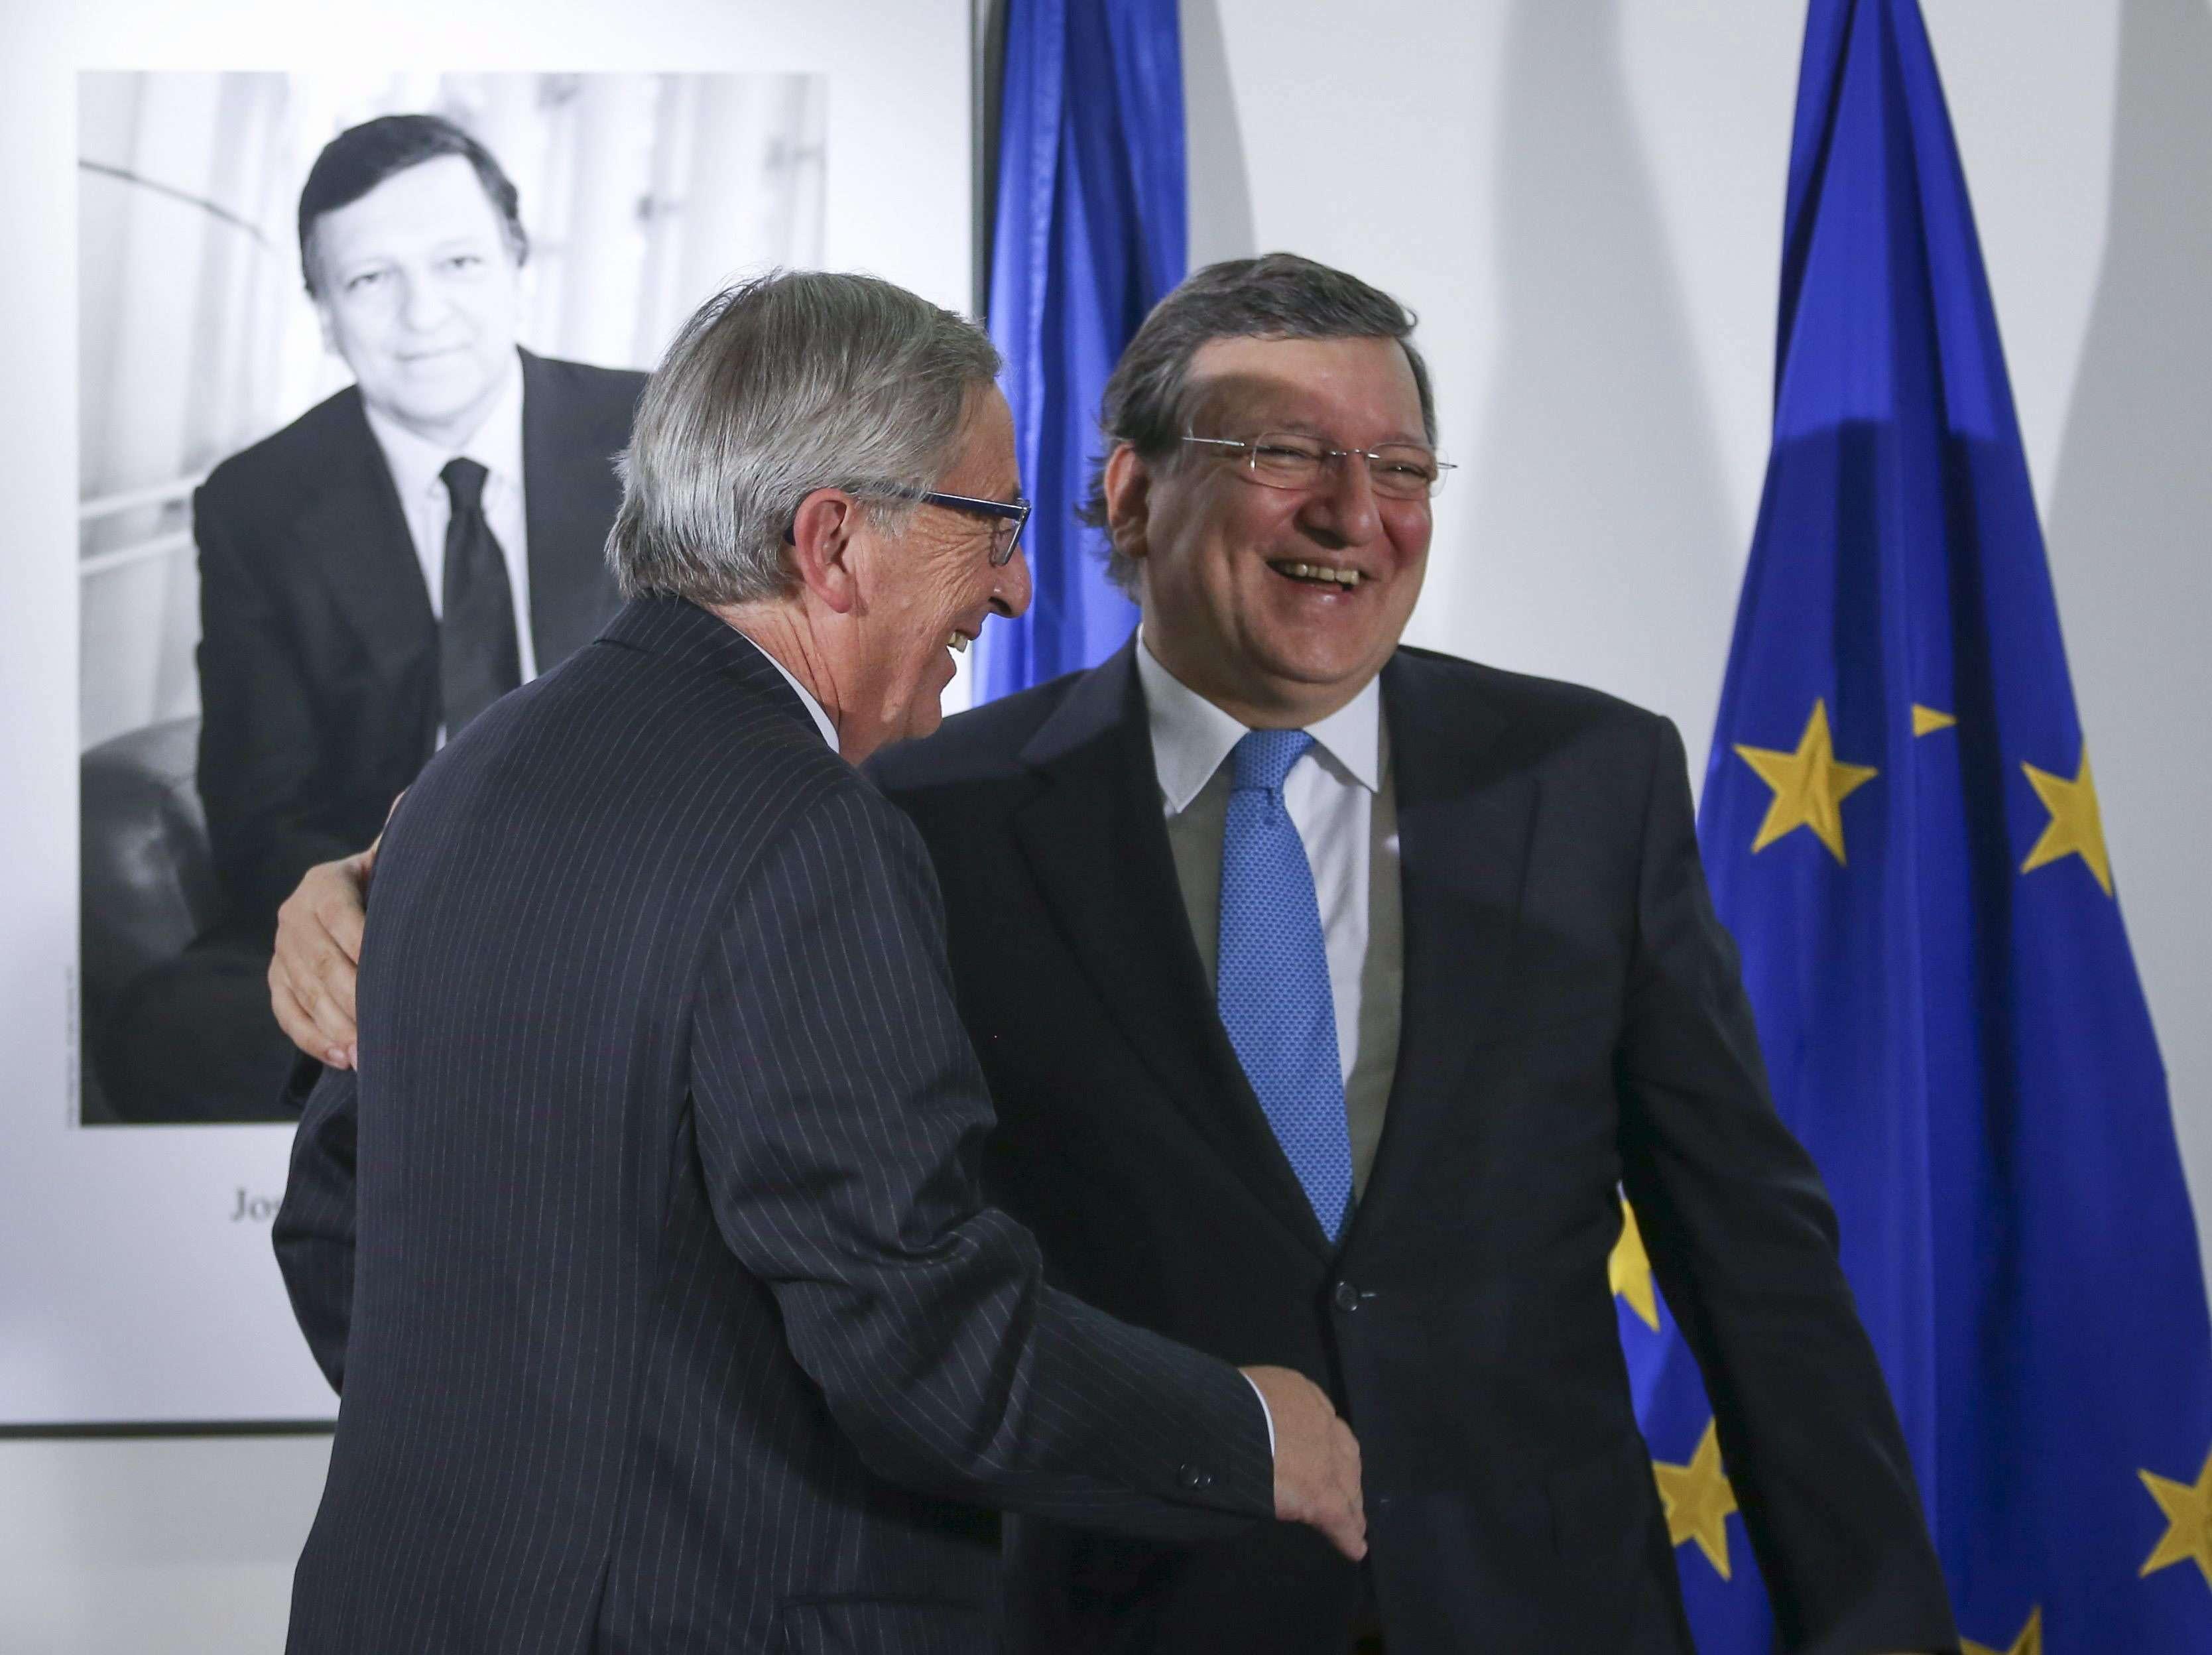 El presidente saliente de la Comisión Europea, Jose Manuel Durao Barroso (d), y el nuevo presidente de la misma, Jean-Claude Juncker, durante una ceremonia de despedida en la sede de la Comisión Europea en Bruselas (Bélgica) el jueves 30 de octubre de 2014. Foto: EFE en español